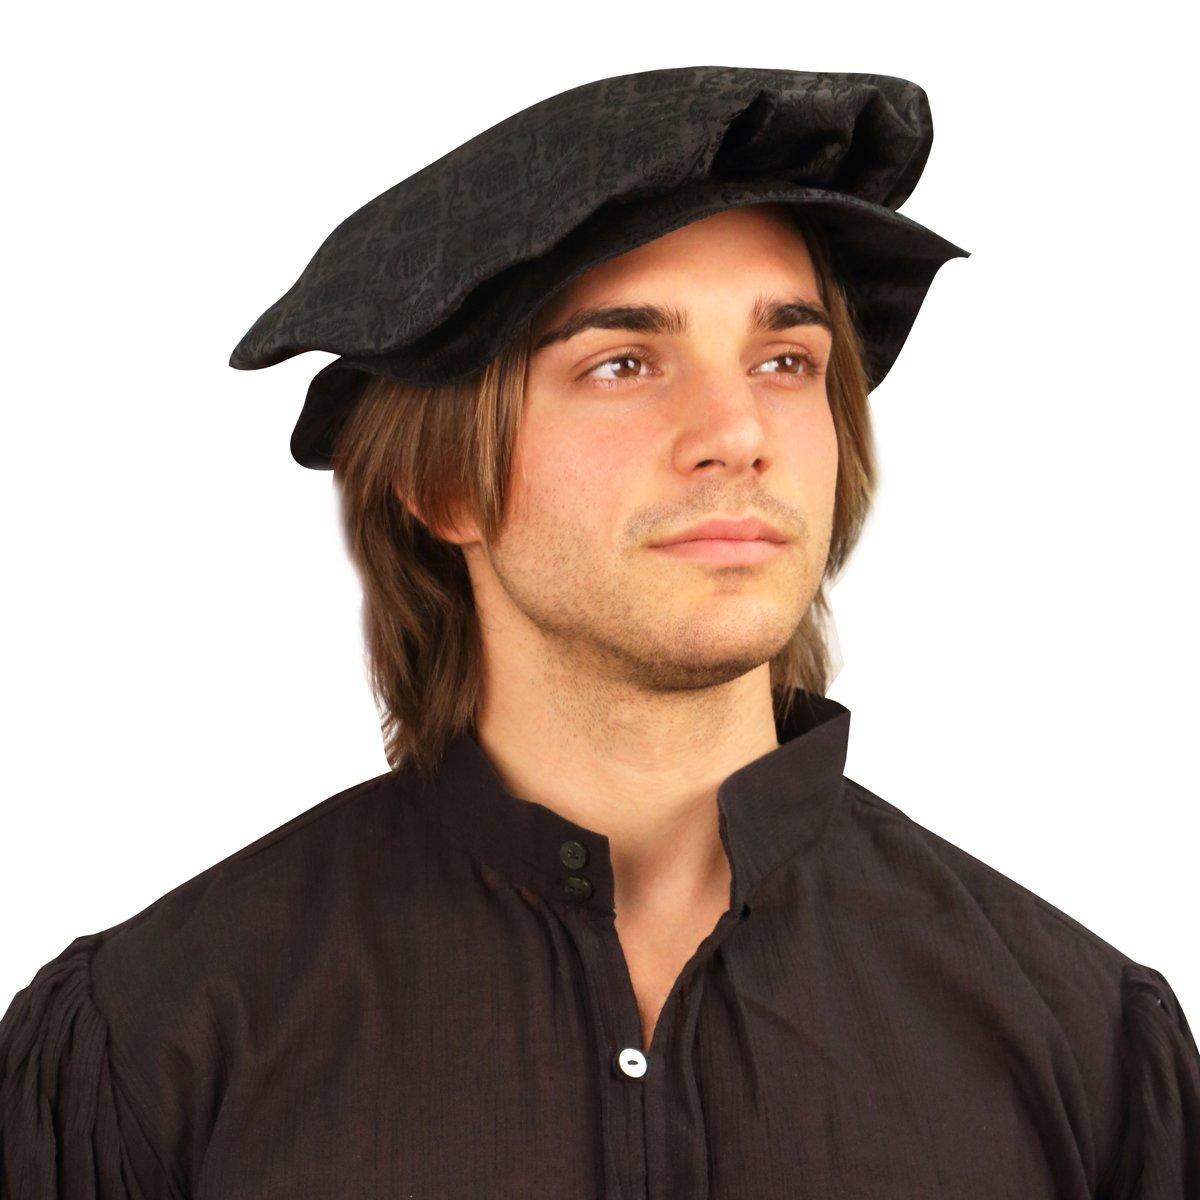 Men's Tudor Black Brocade Flat Renaissance Cap